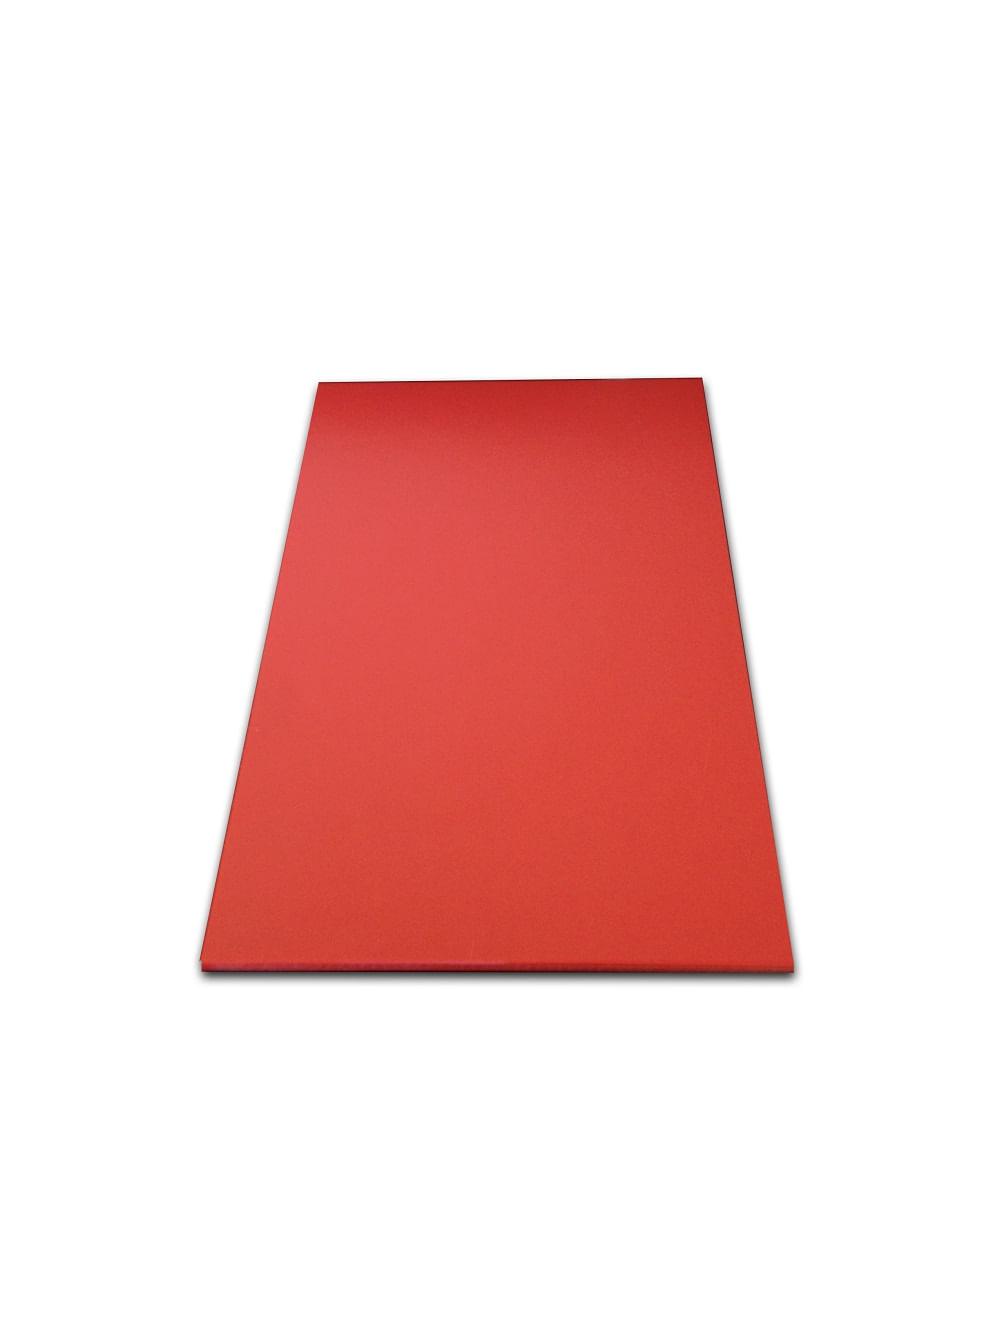 Tabua de Corte LISA em polietileno - vermelha - 50 x30